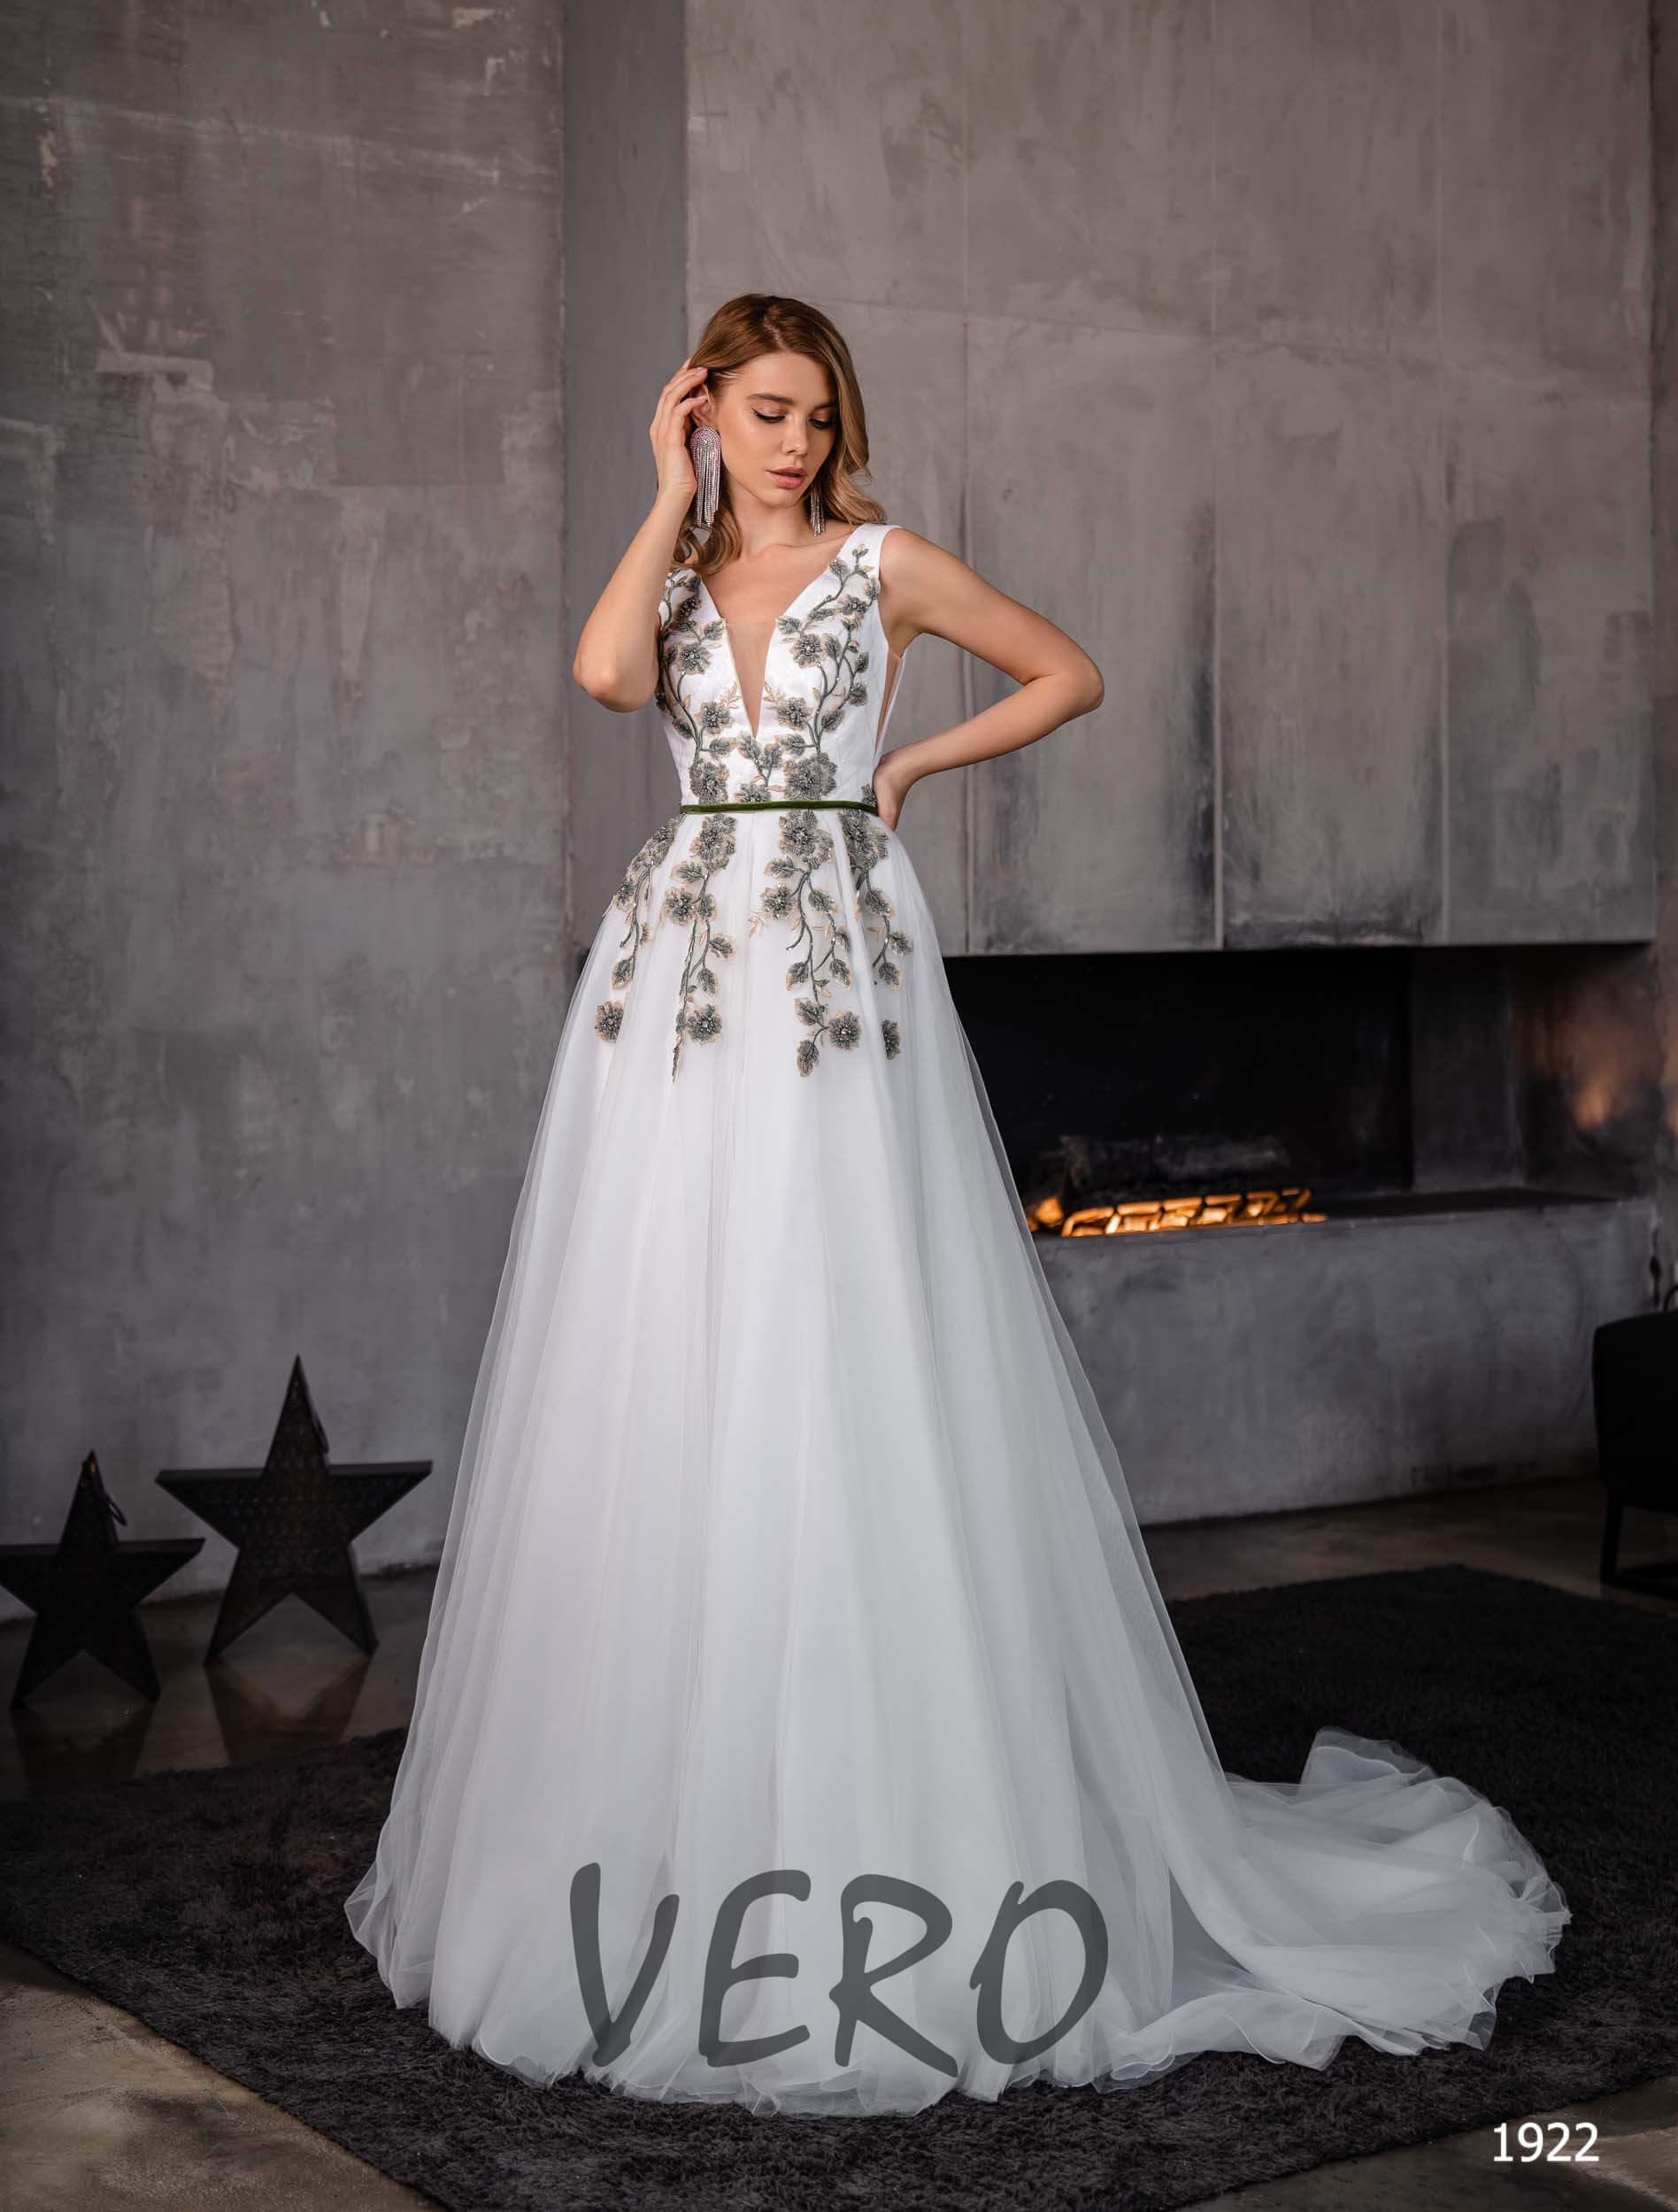 купить нарядное платье на выпускной(1) | Vero